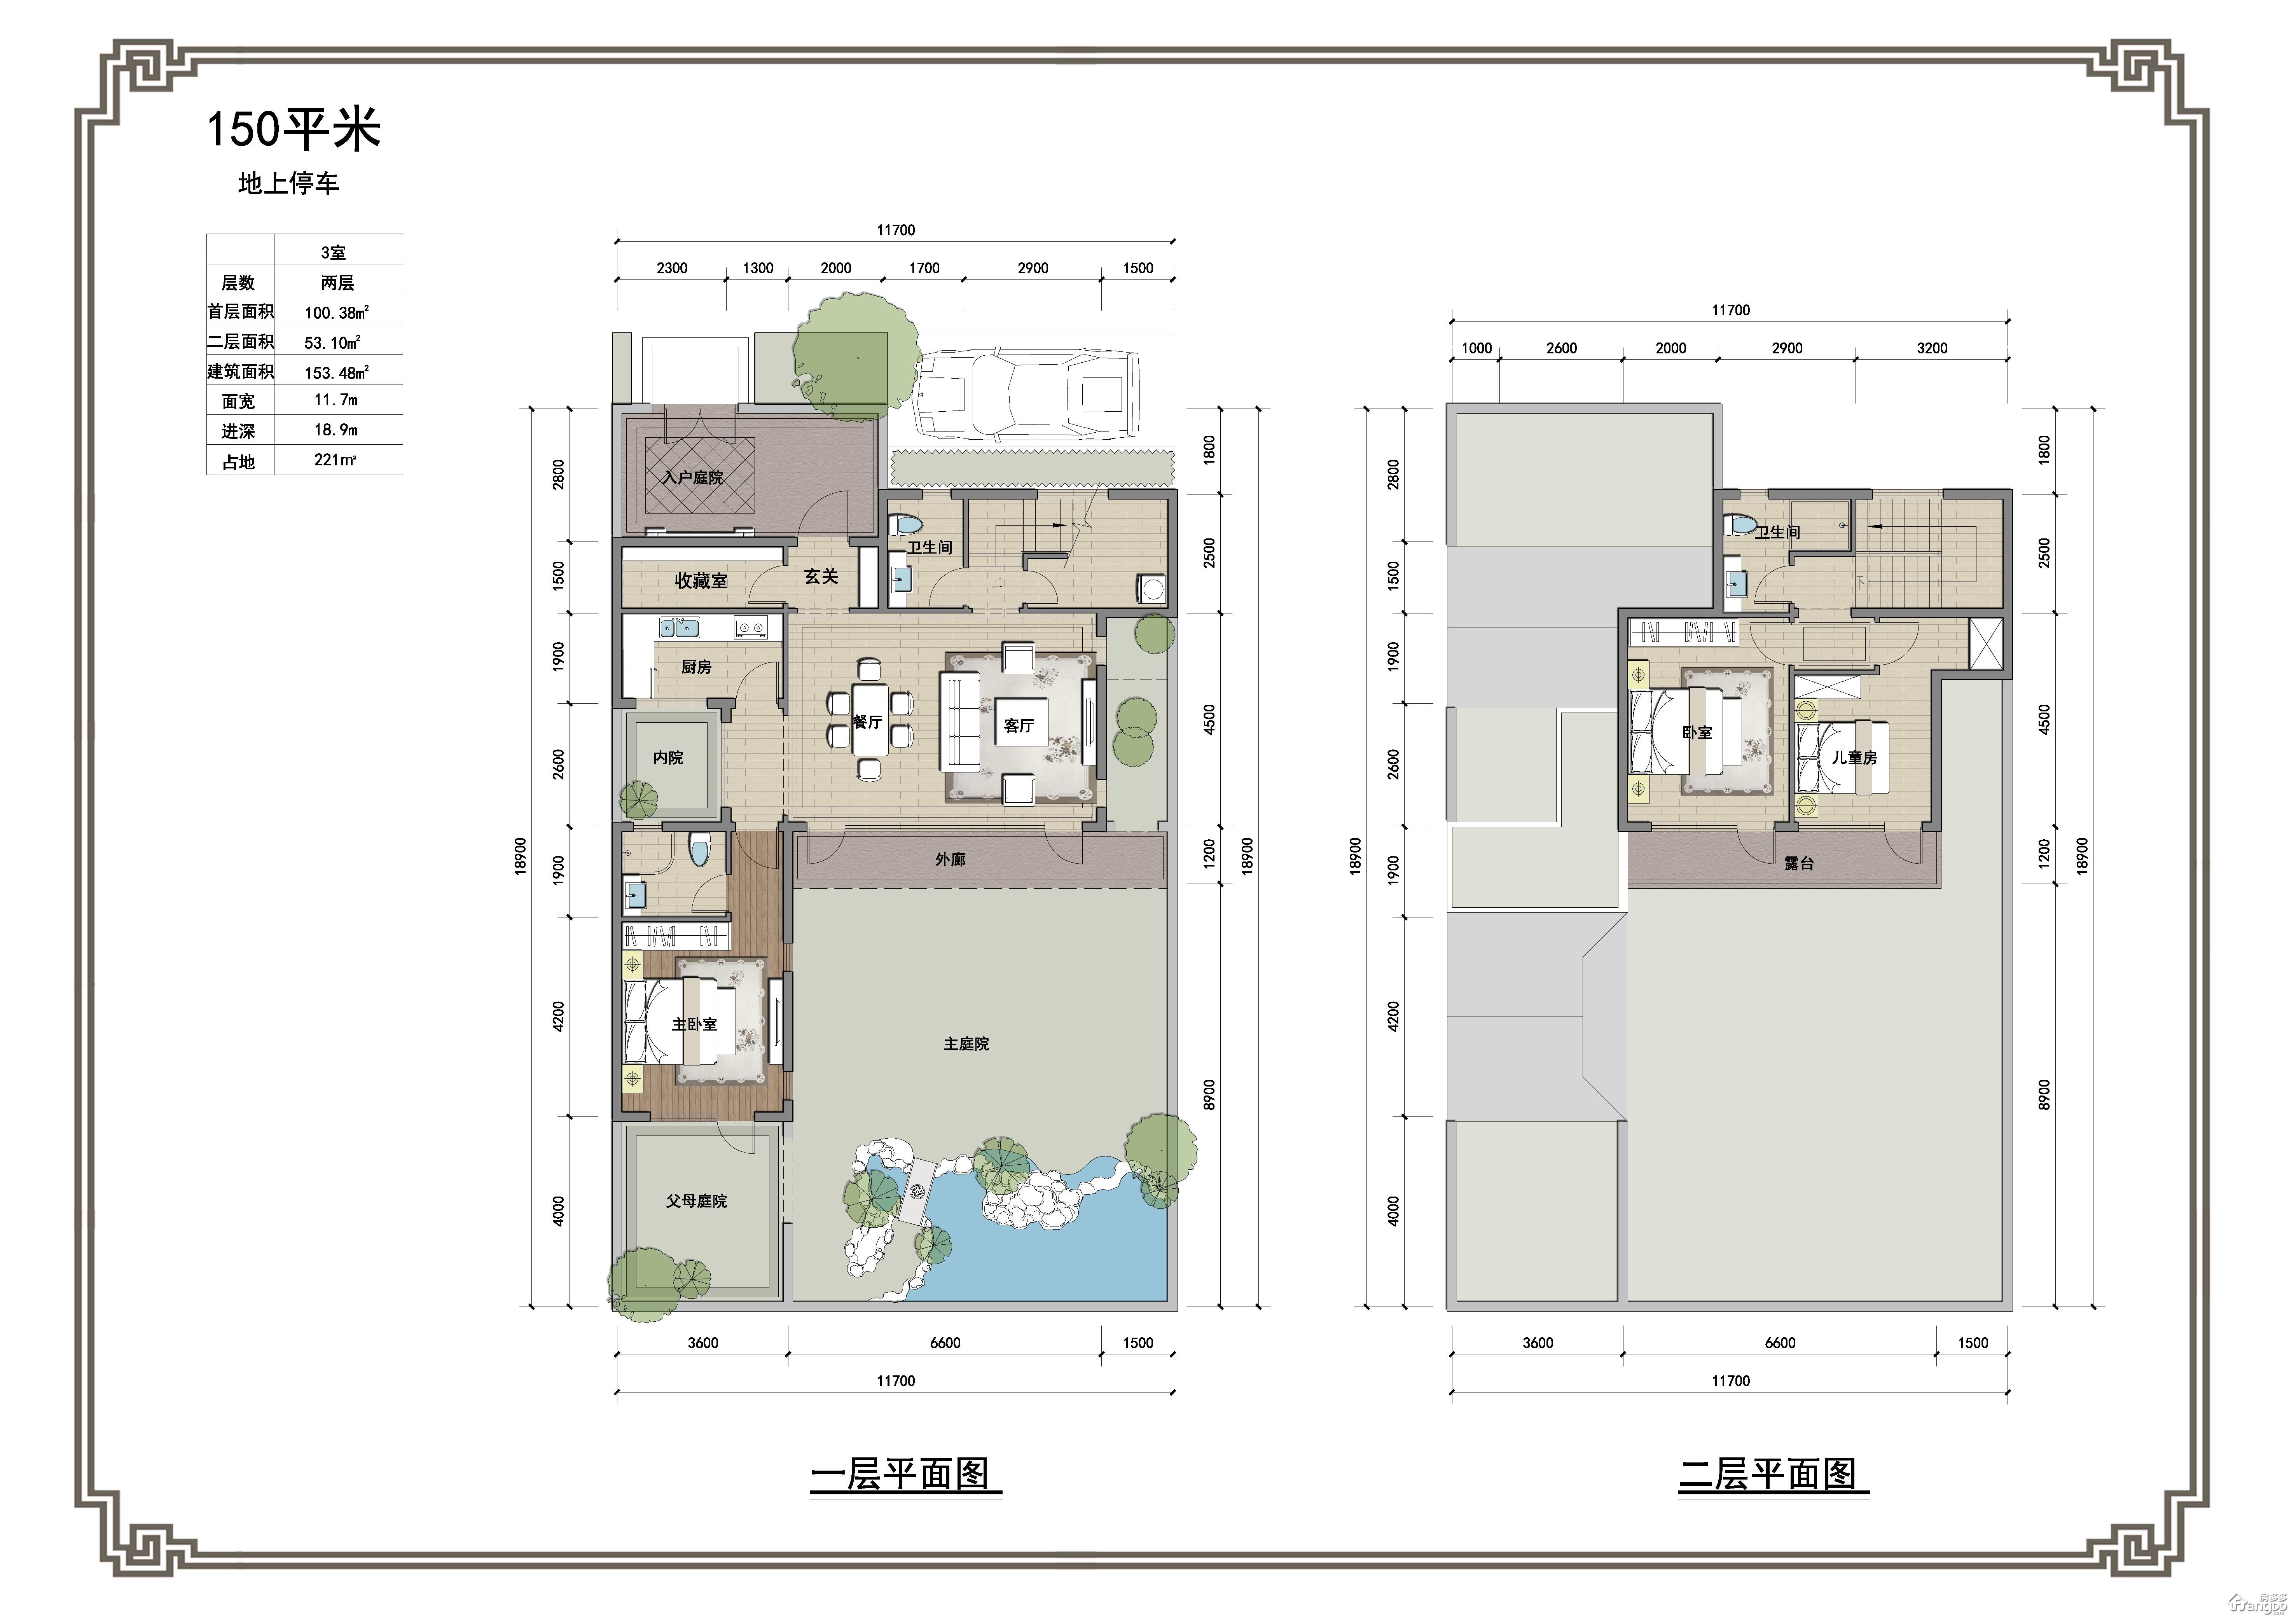 沂州古城(临沂)3室2厅3卫户型图